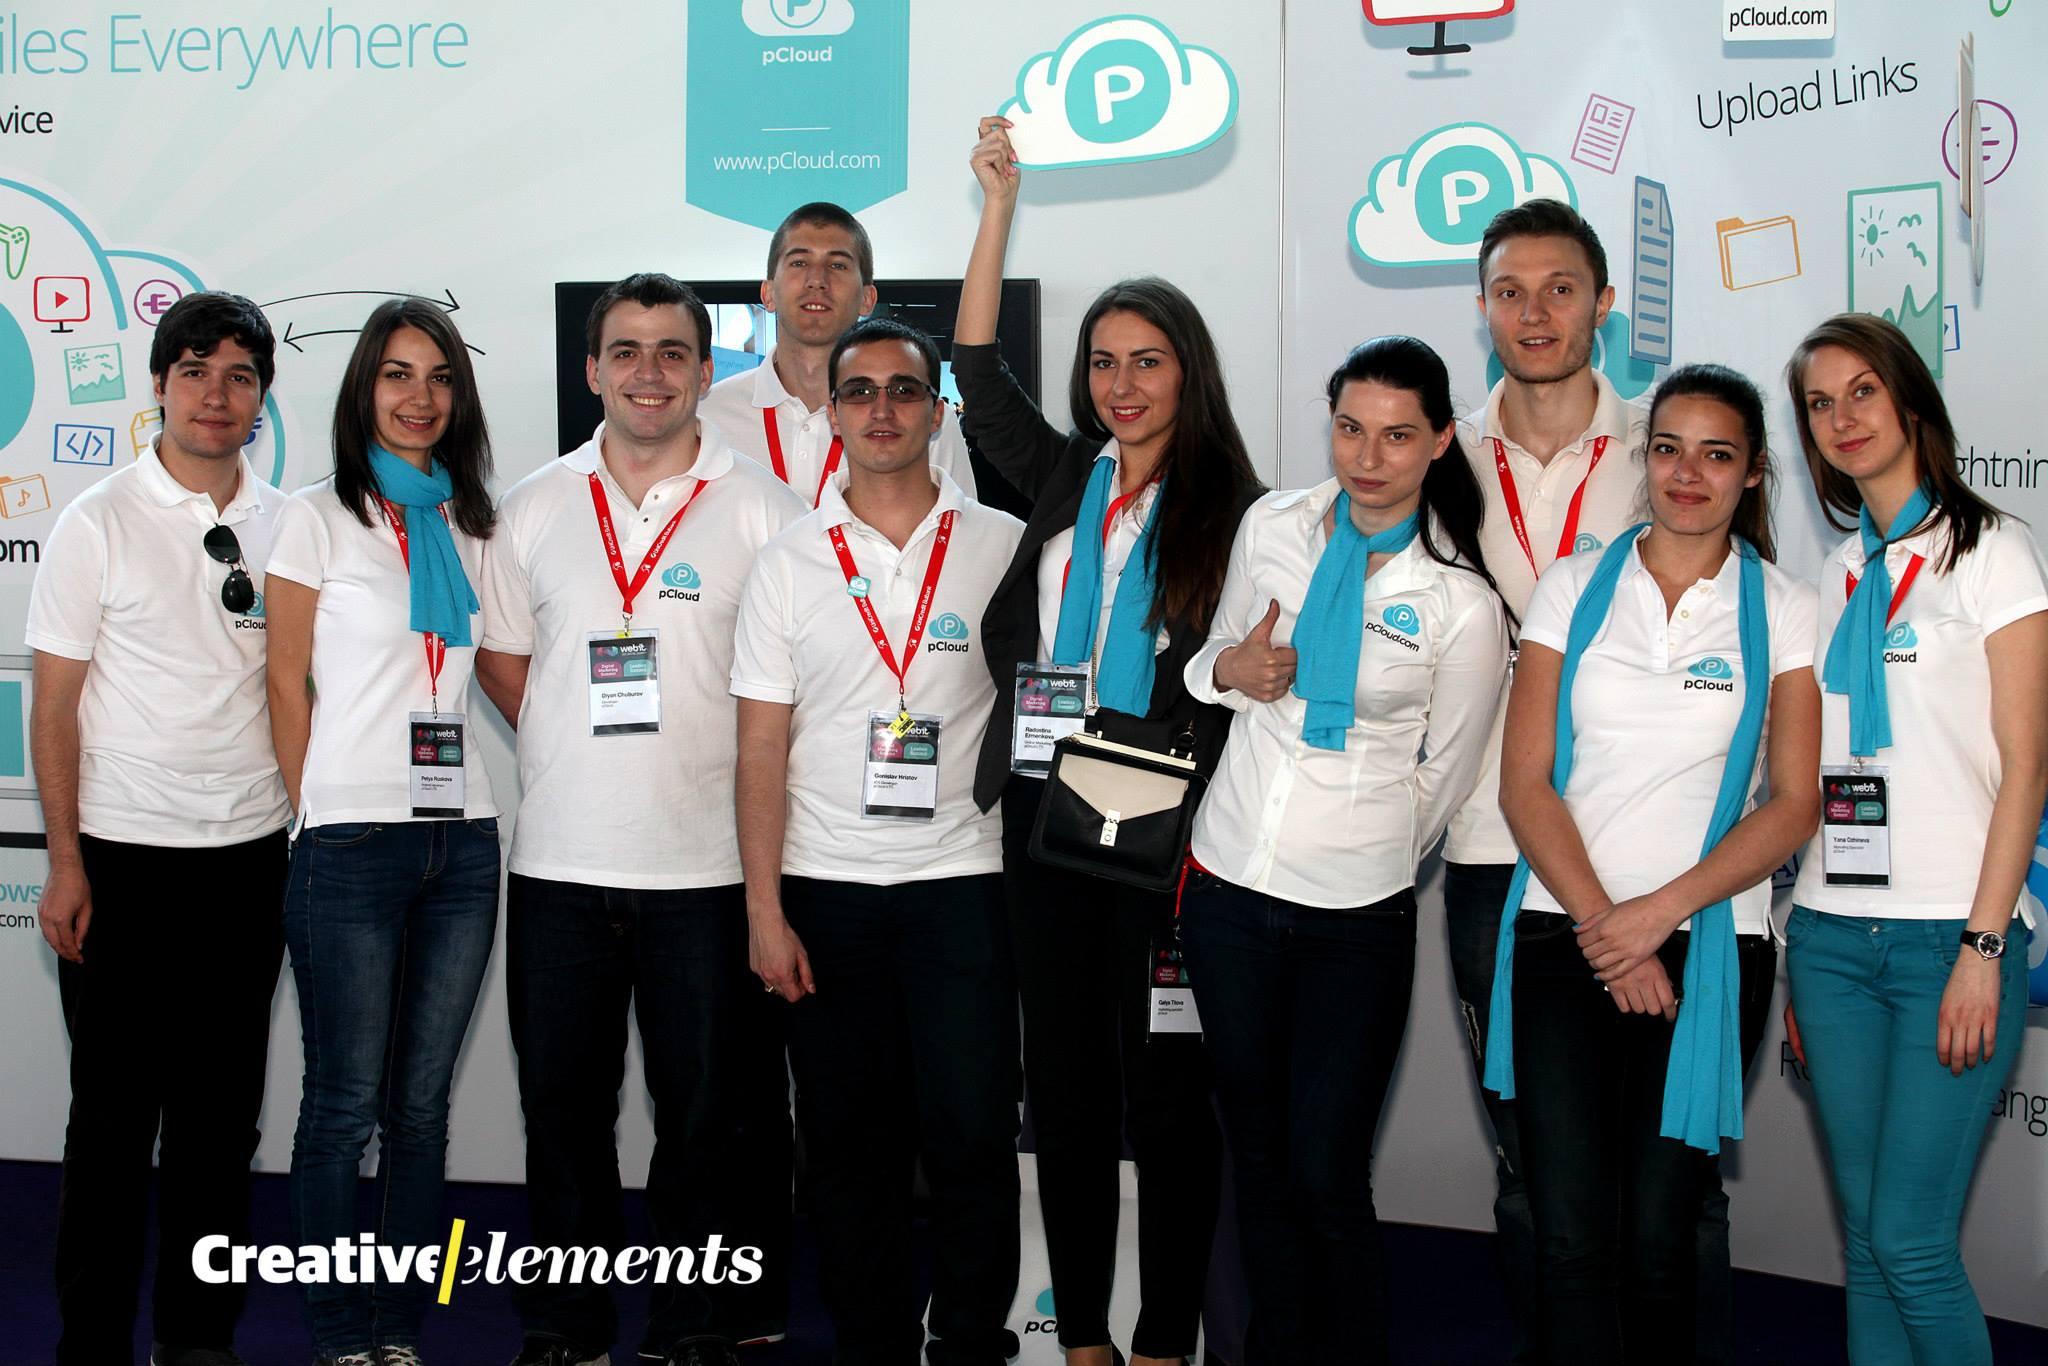 pCloud's team